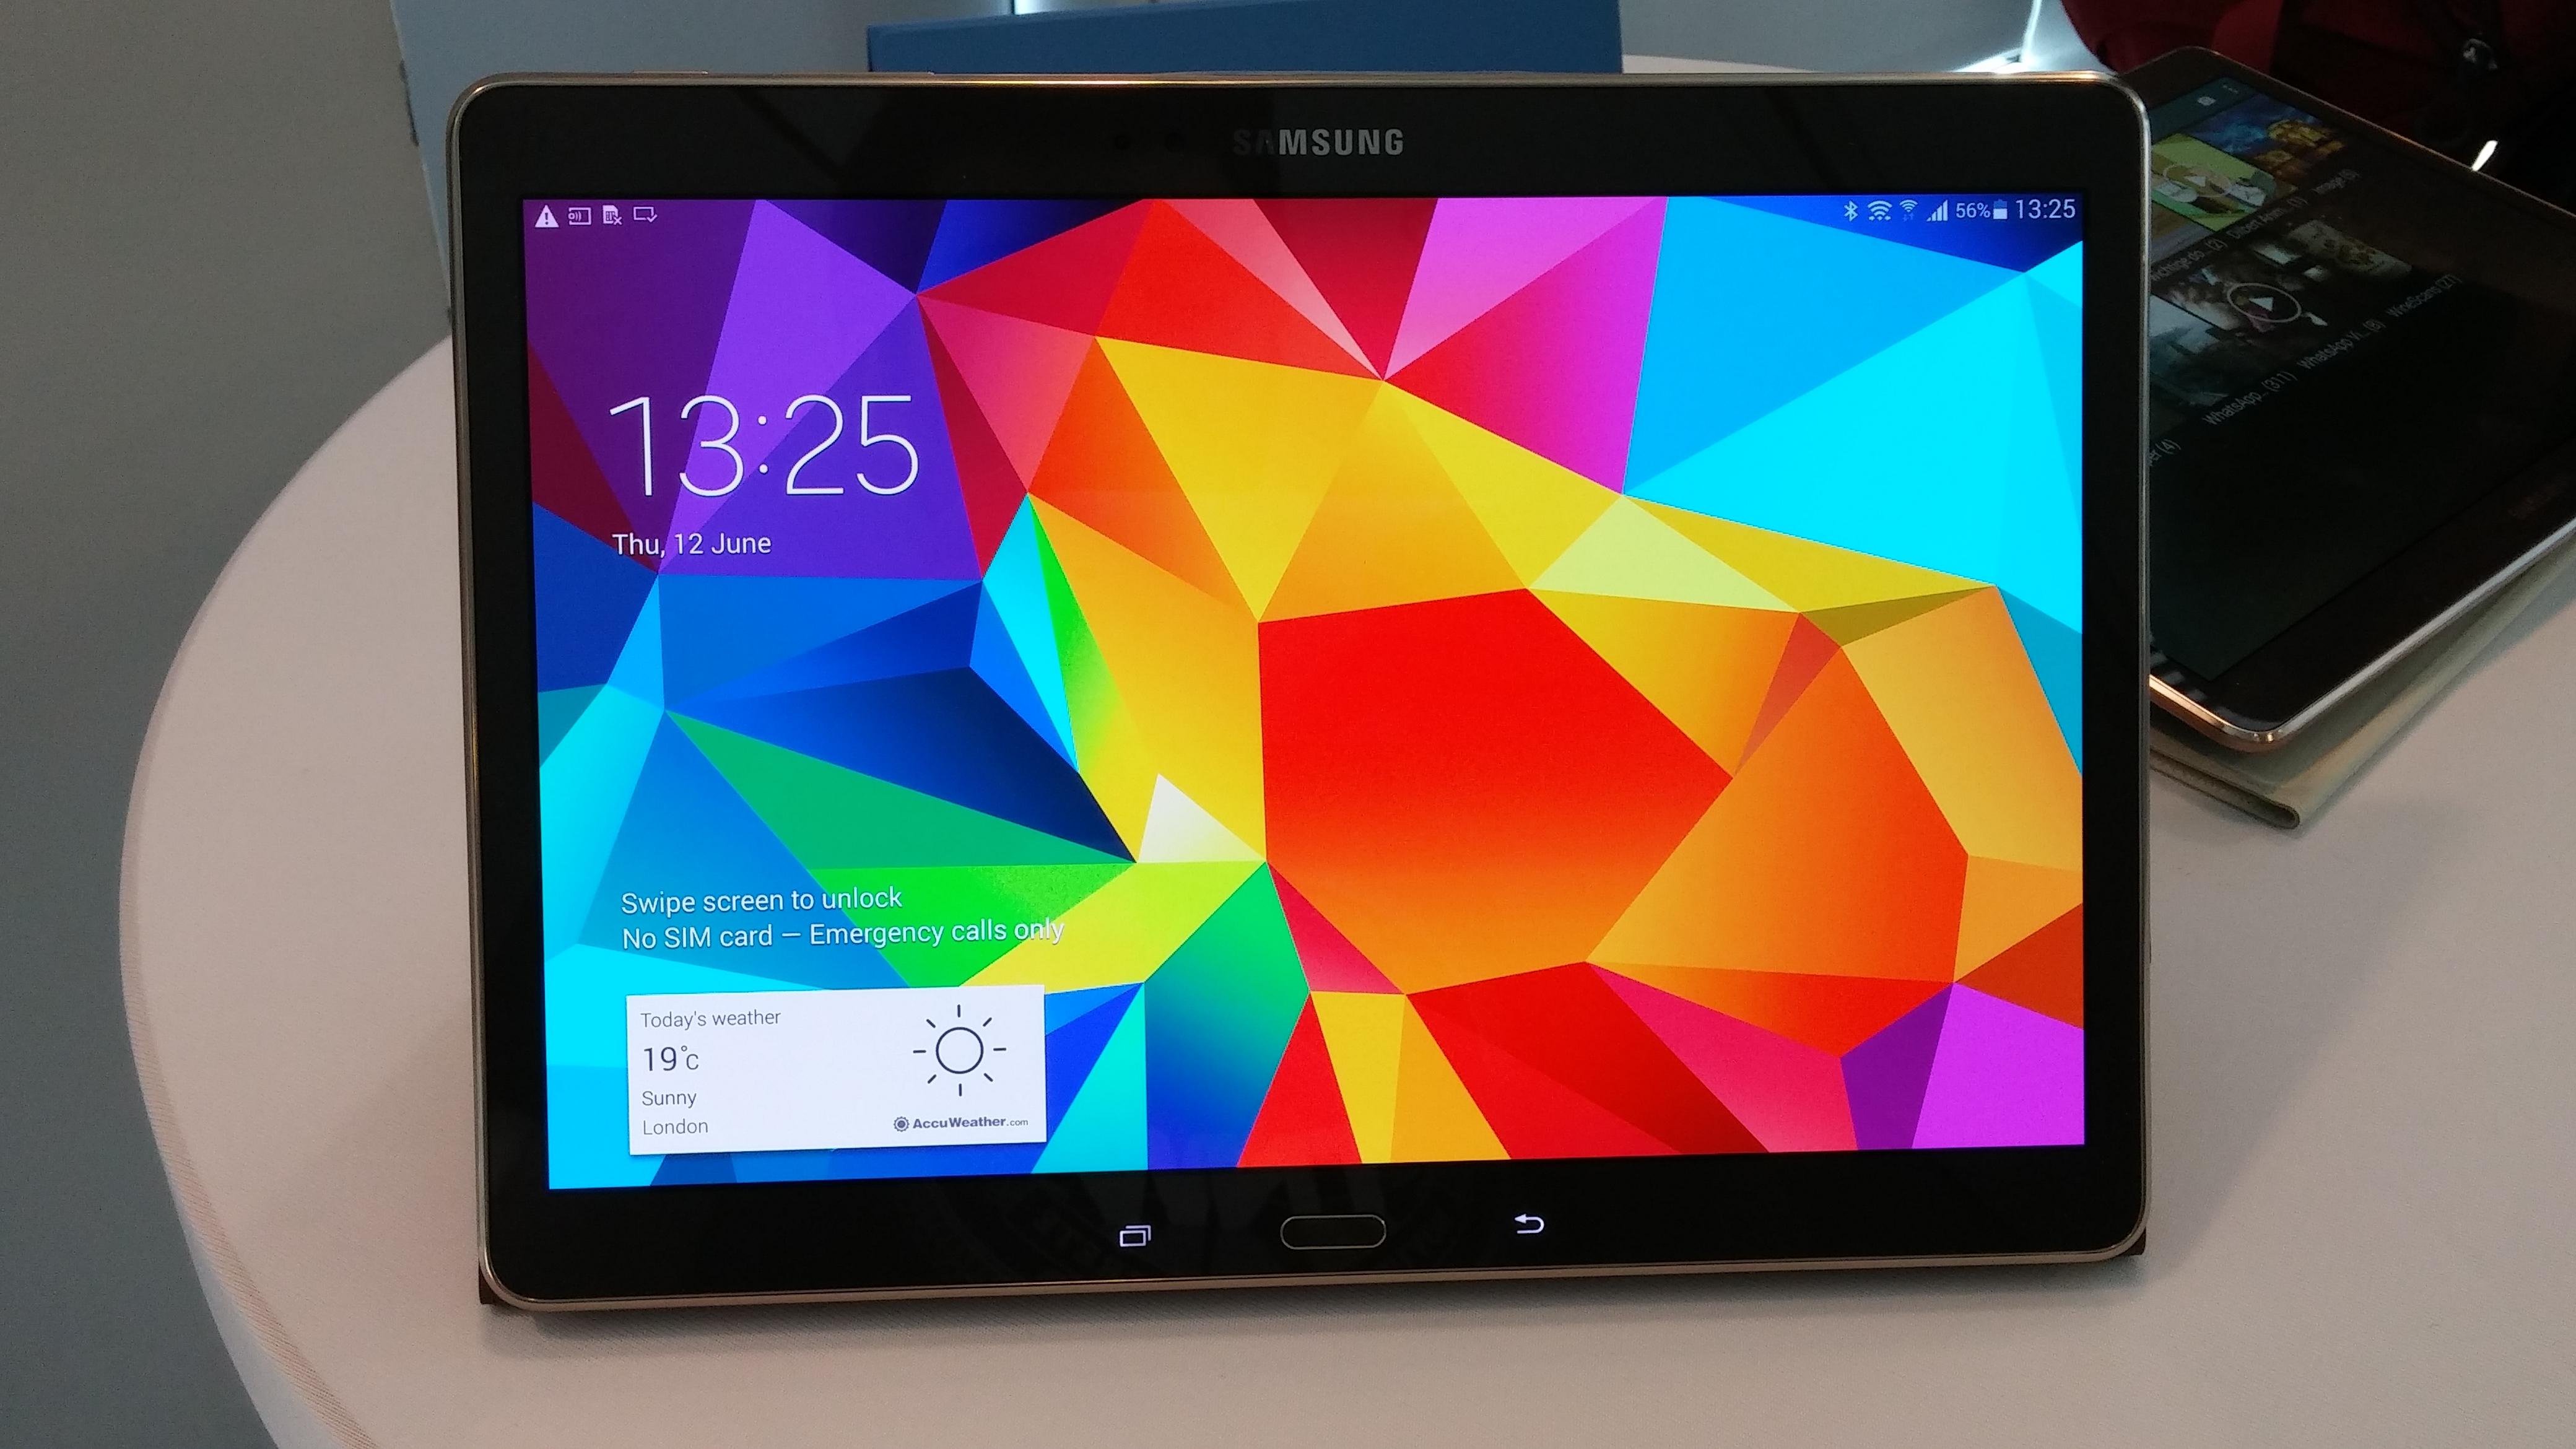 Samsung Galaxy Tab S 10.5 e le sue specifiche tecniche